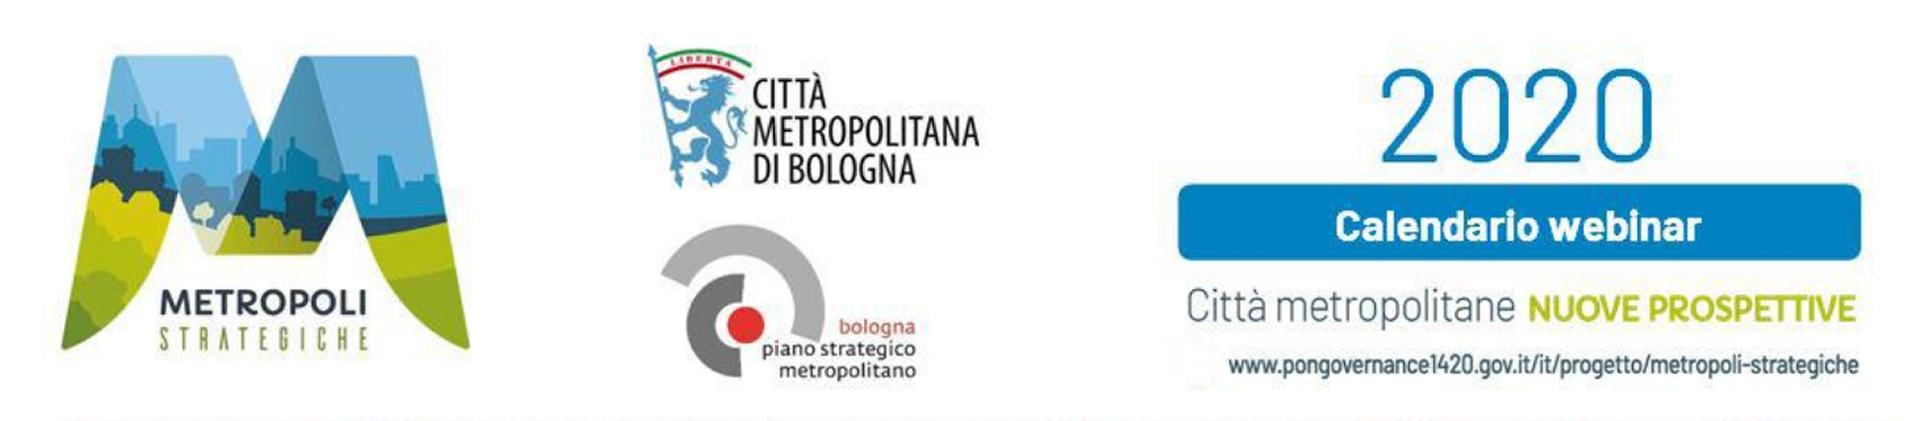 Conoscere la Città metropolitana di Bologna